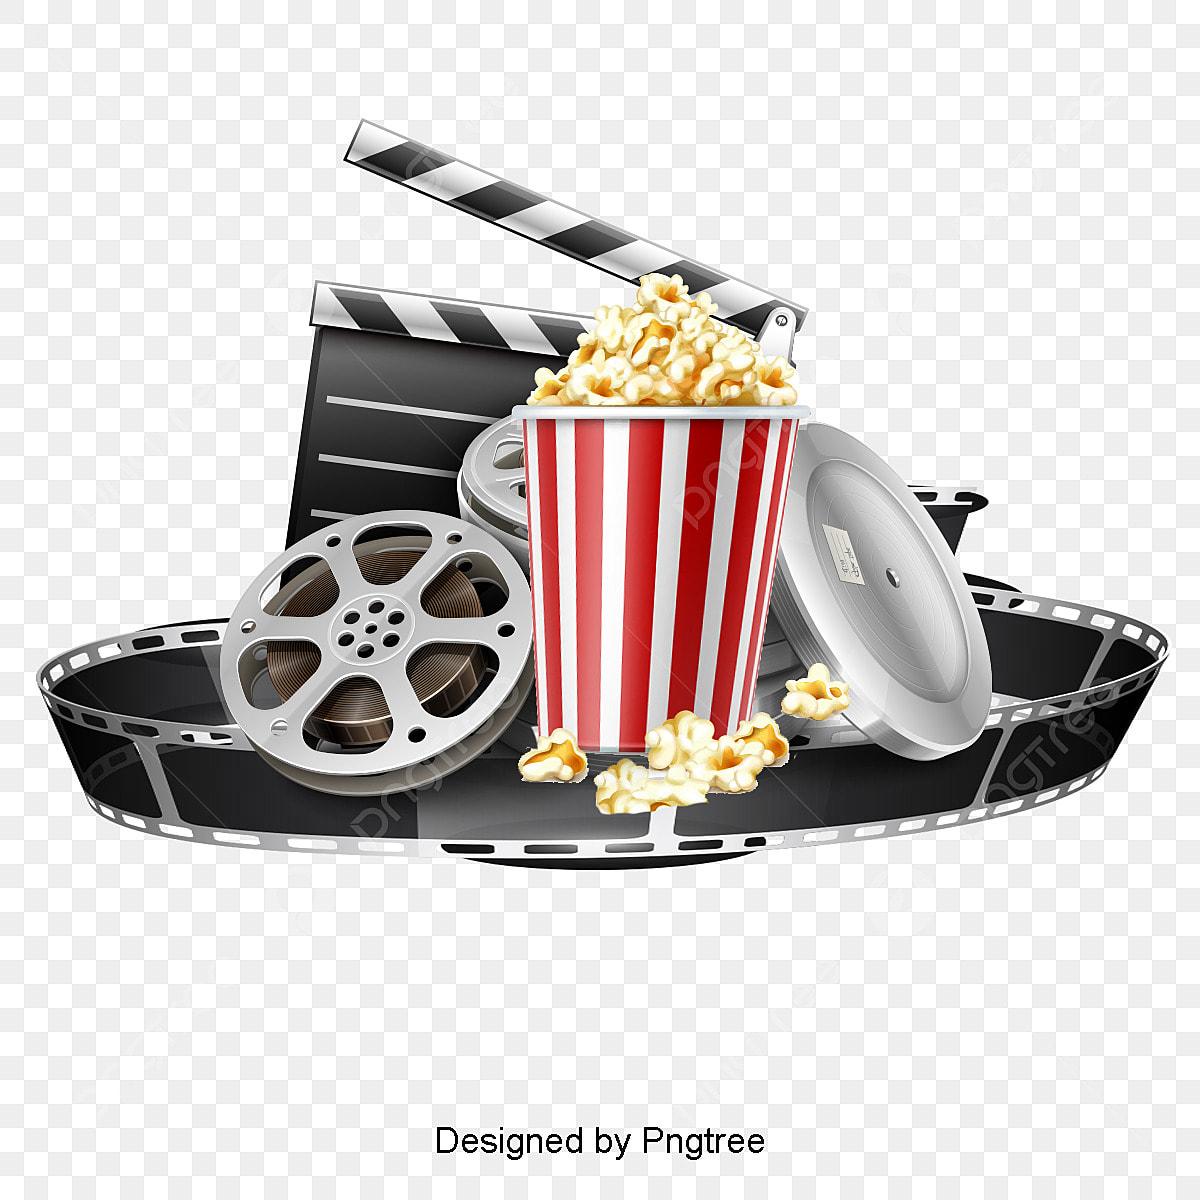 попкорн фильм попкорн кино фильм Png и Psd файл для